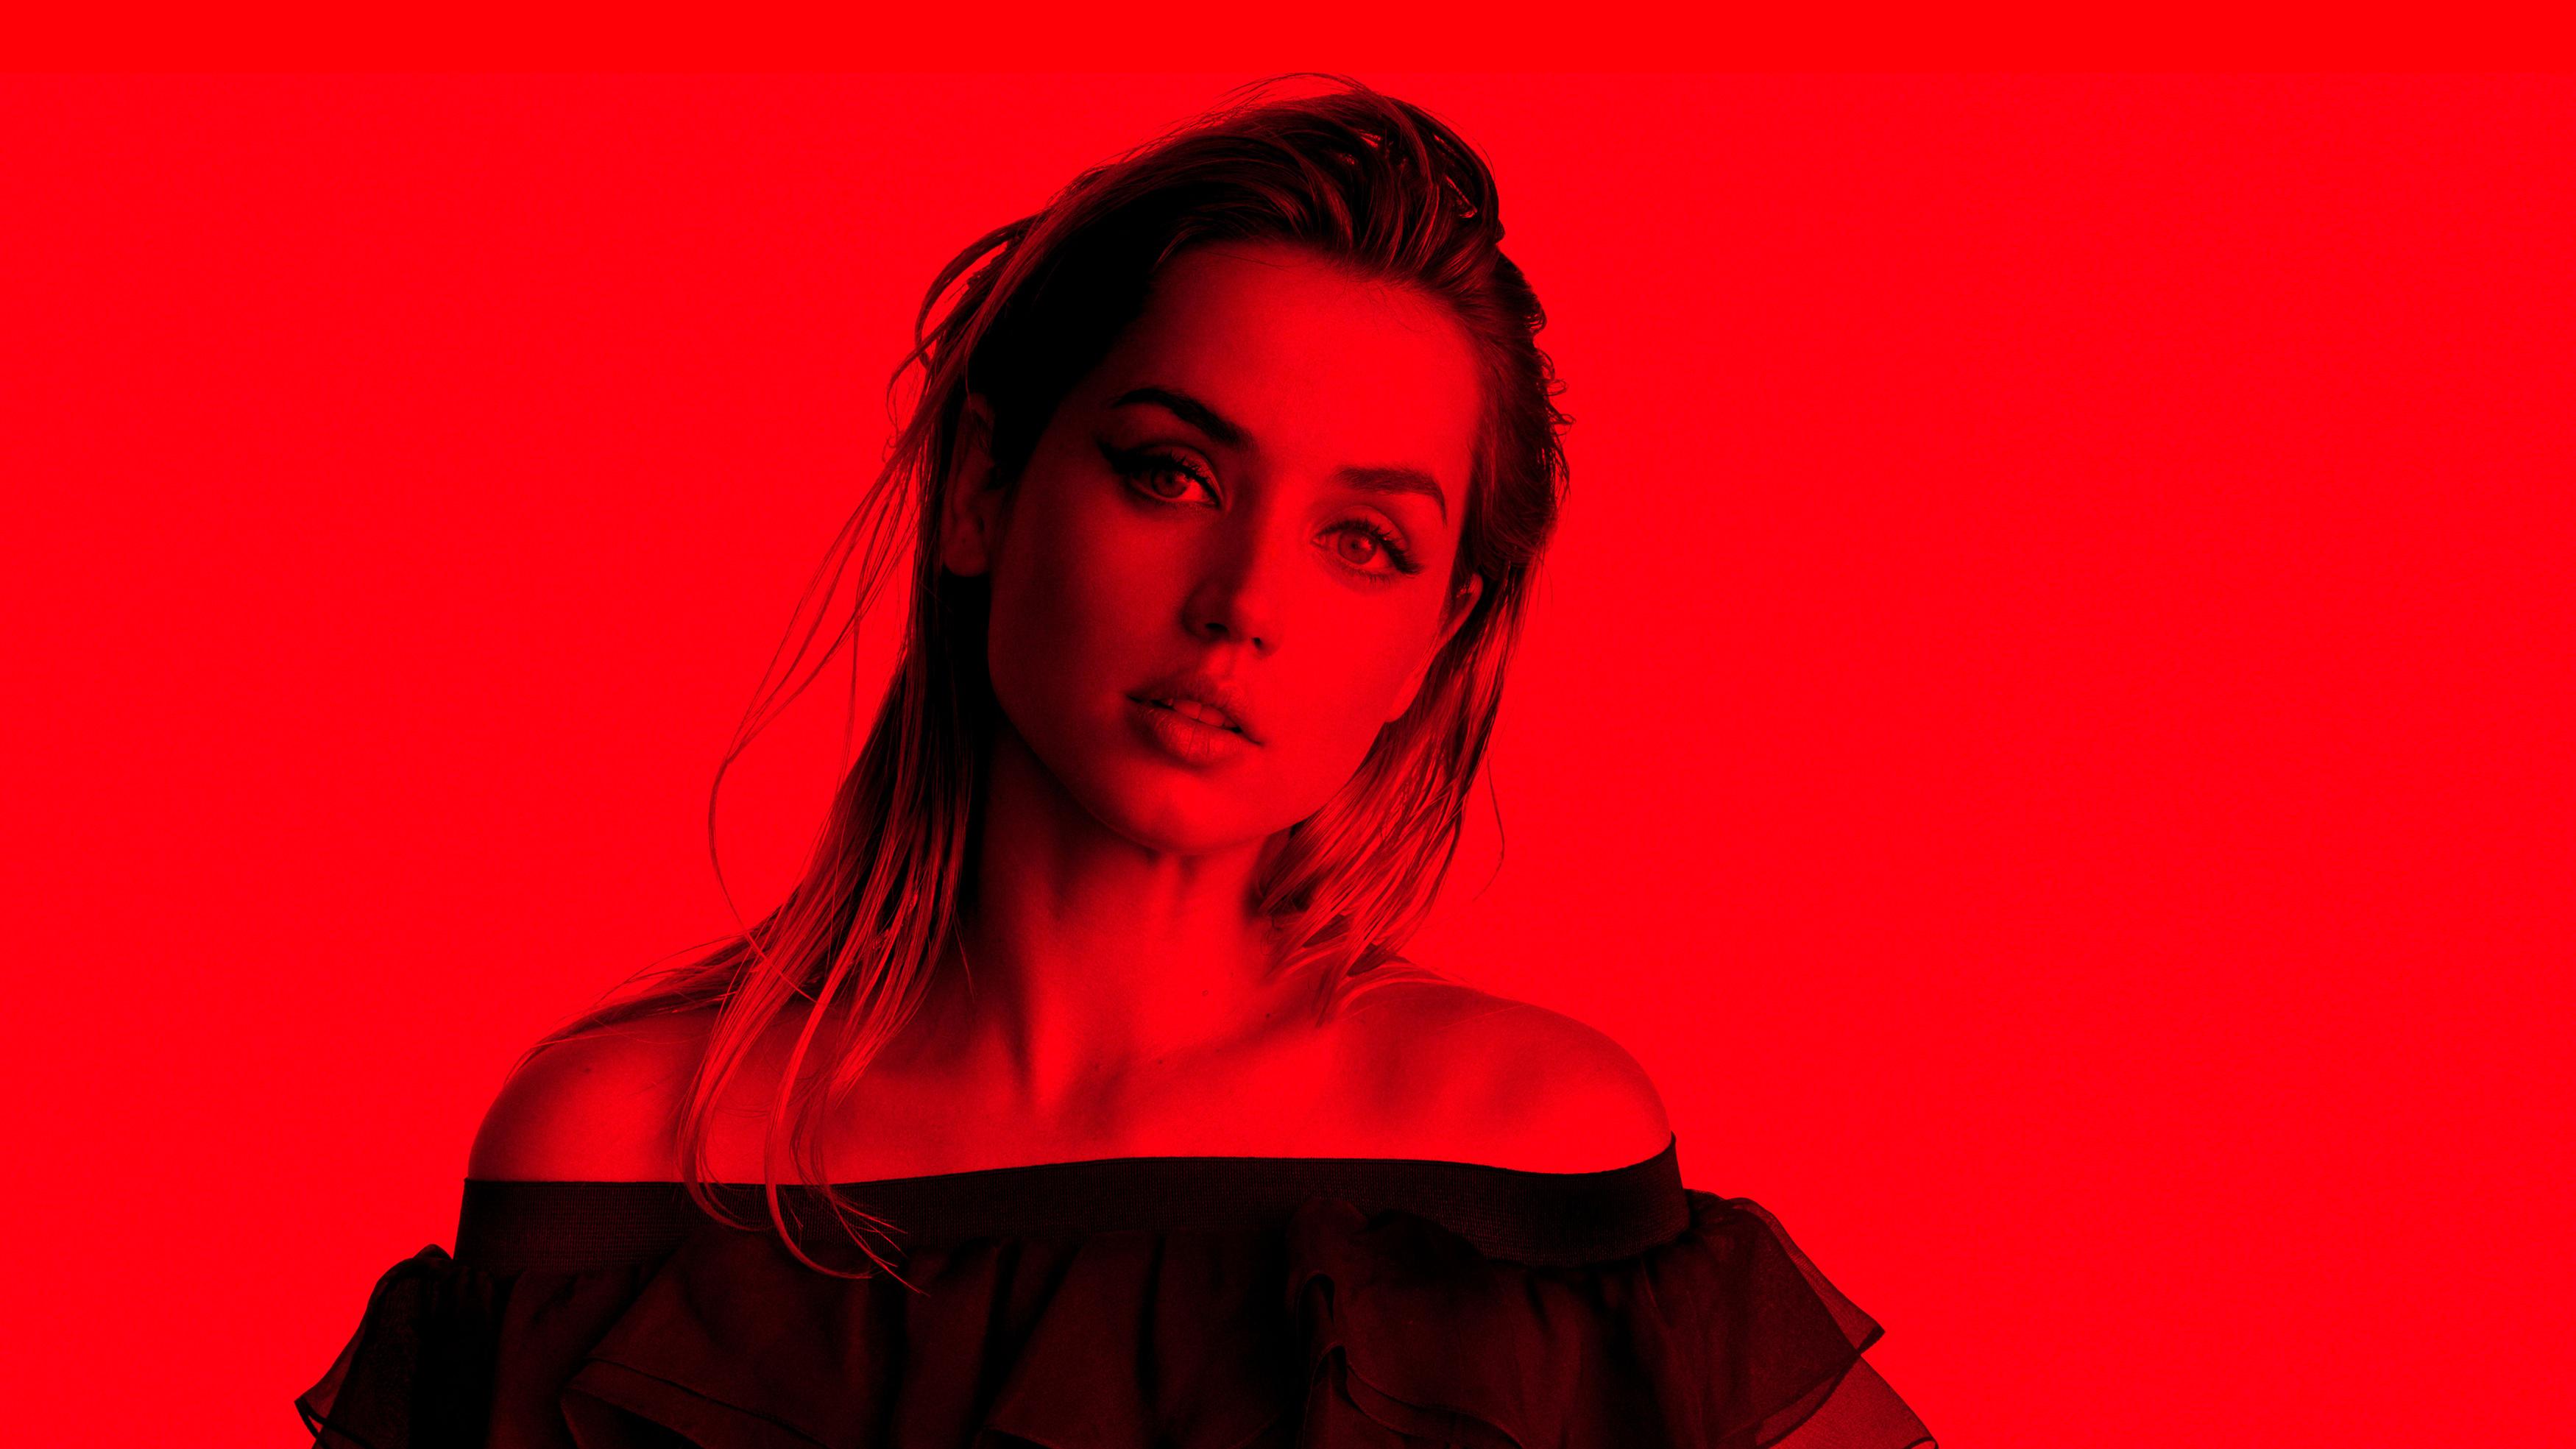 Ana De Armas 2019 4k Hd Celebrities 4k Wallpapers Images